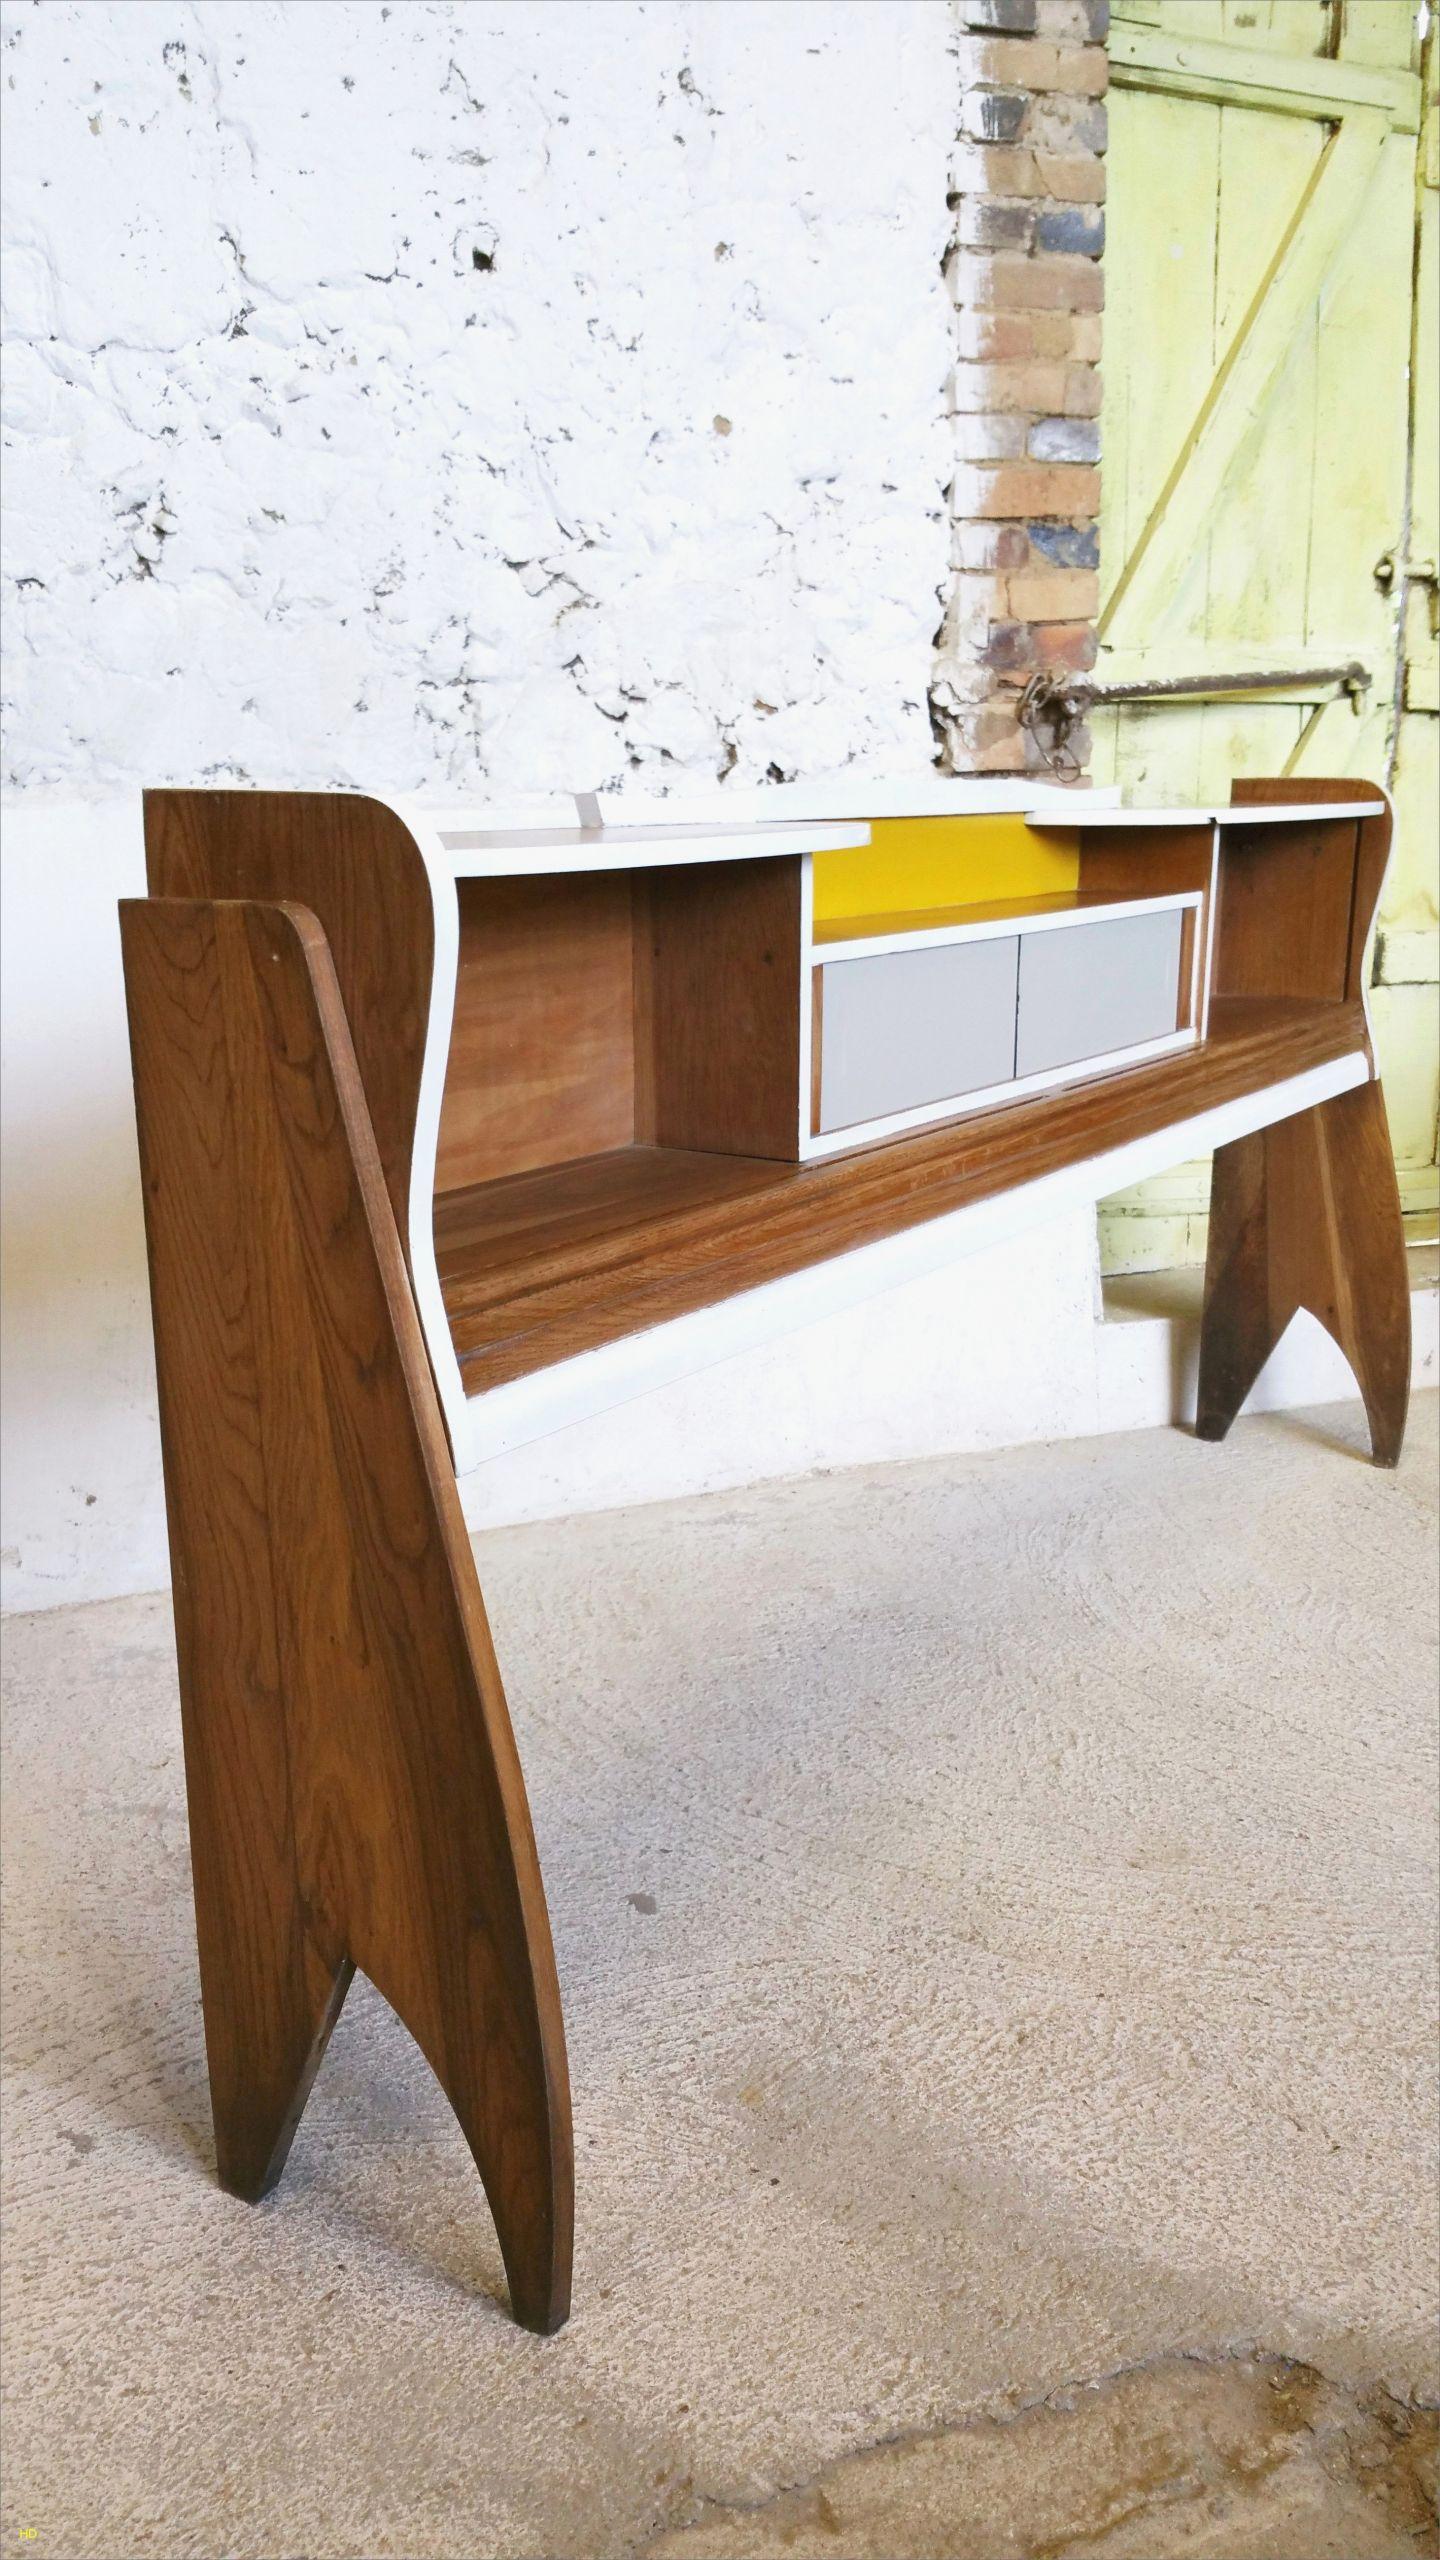 fauteuil pour salle a manger genial table a manger bois massif mikea galerie of fauteuil pour salle a manger